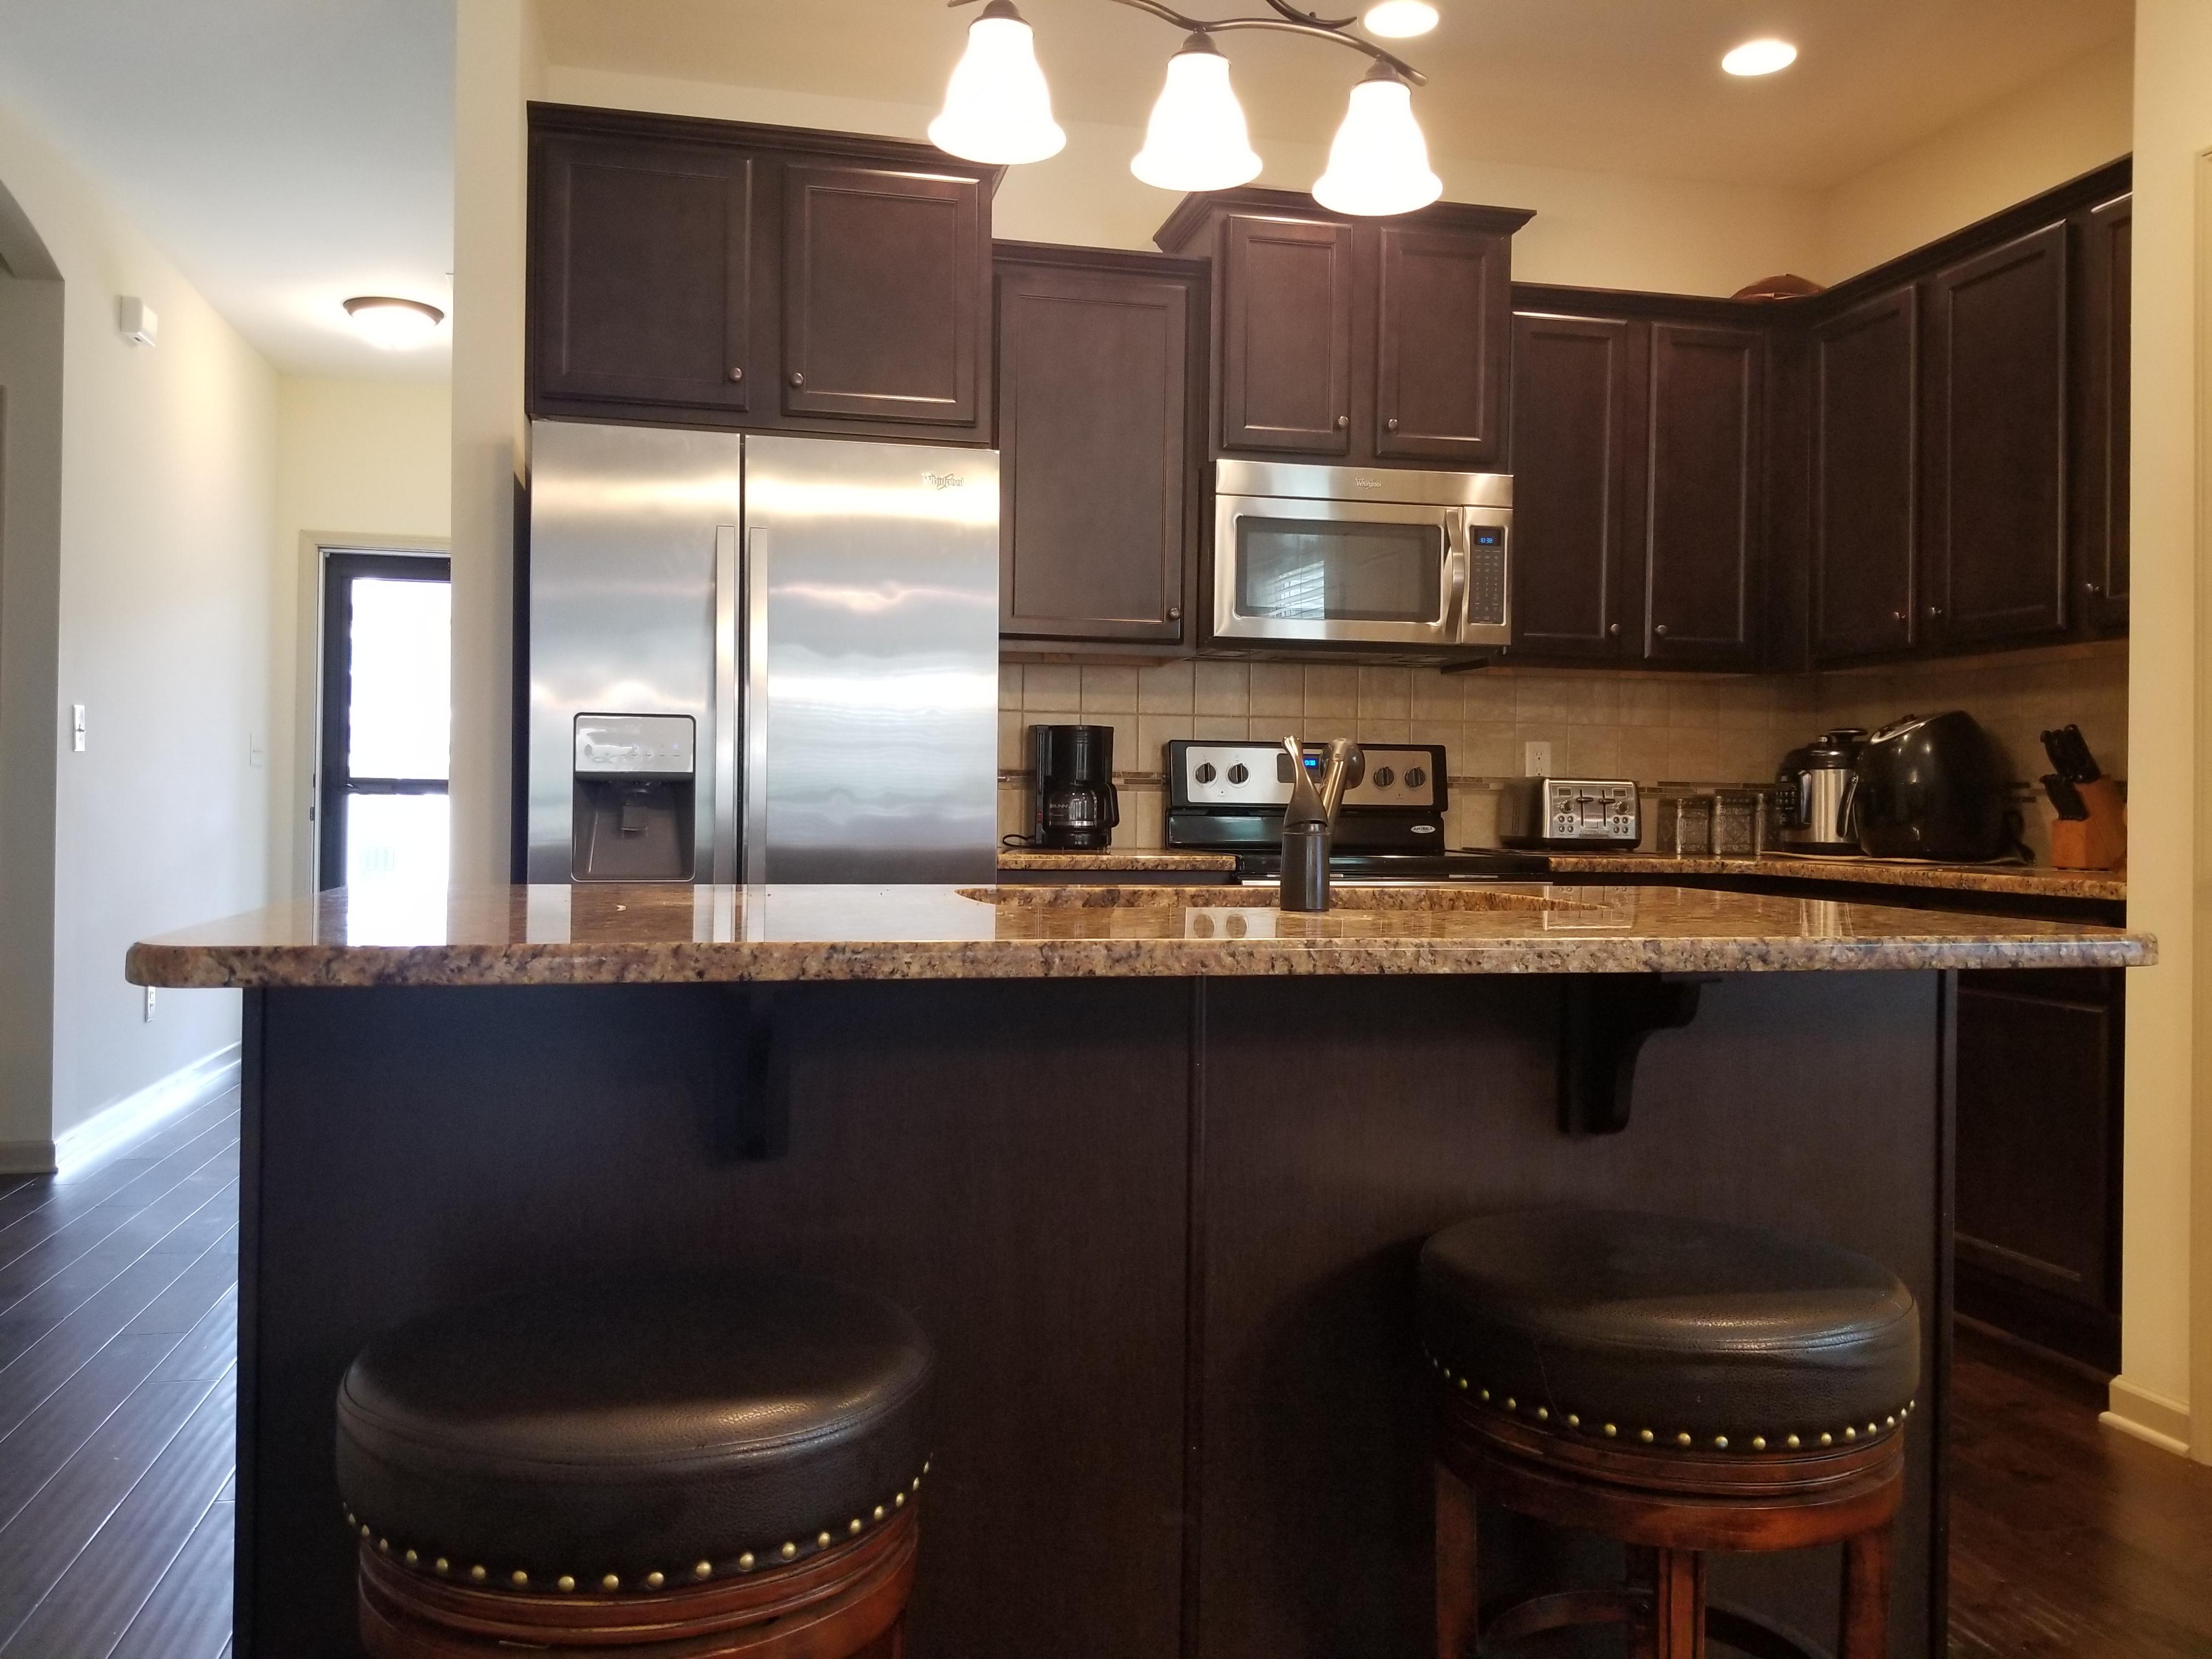 OPEN HOUSE @109 Parkview Dr. Clayton NC (Sat 6/8 & Sun 6/9 1-3)